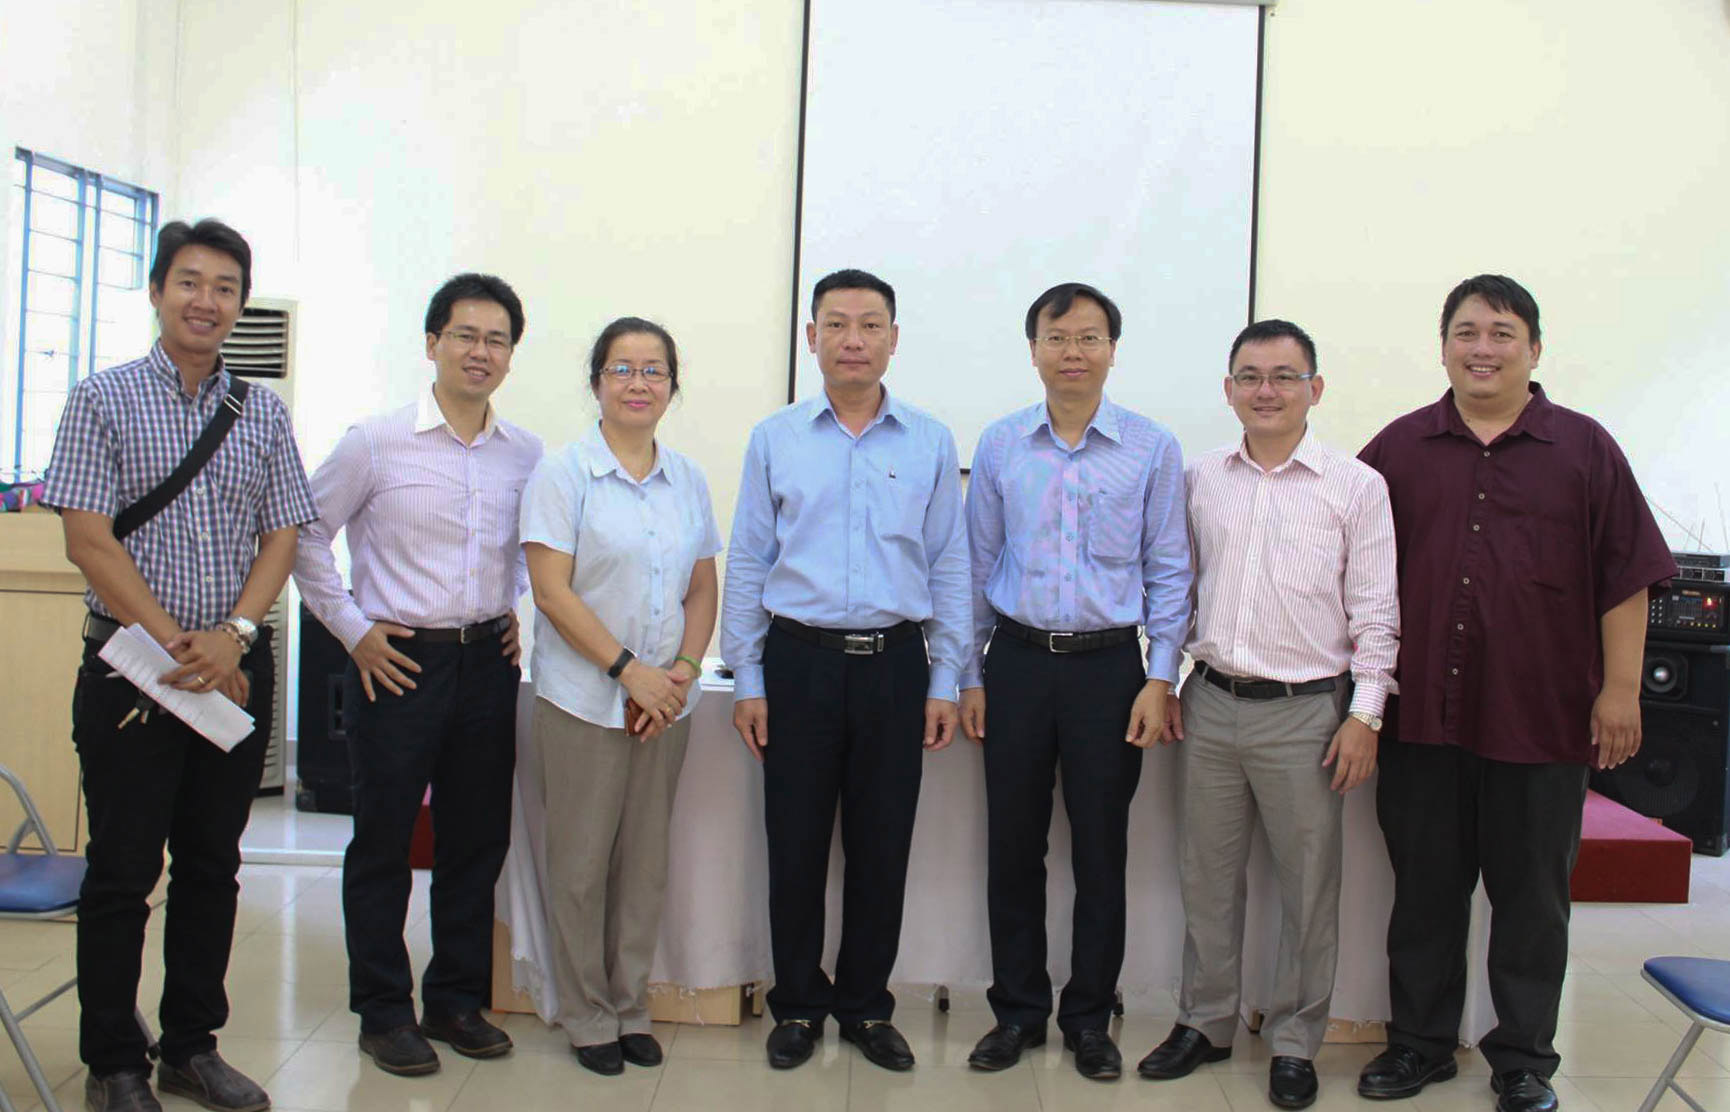 Ông Nguyễn Tuấn Anh (phía ngoài cùng bên phải) sáng lập VBM